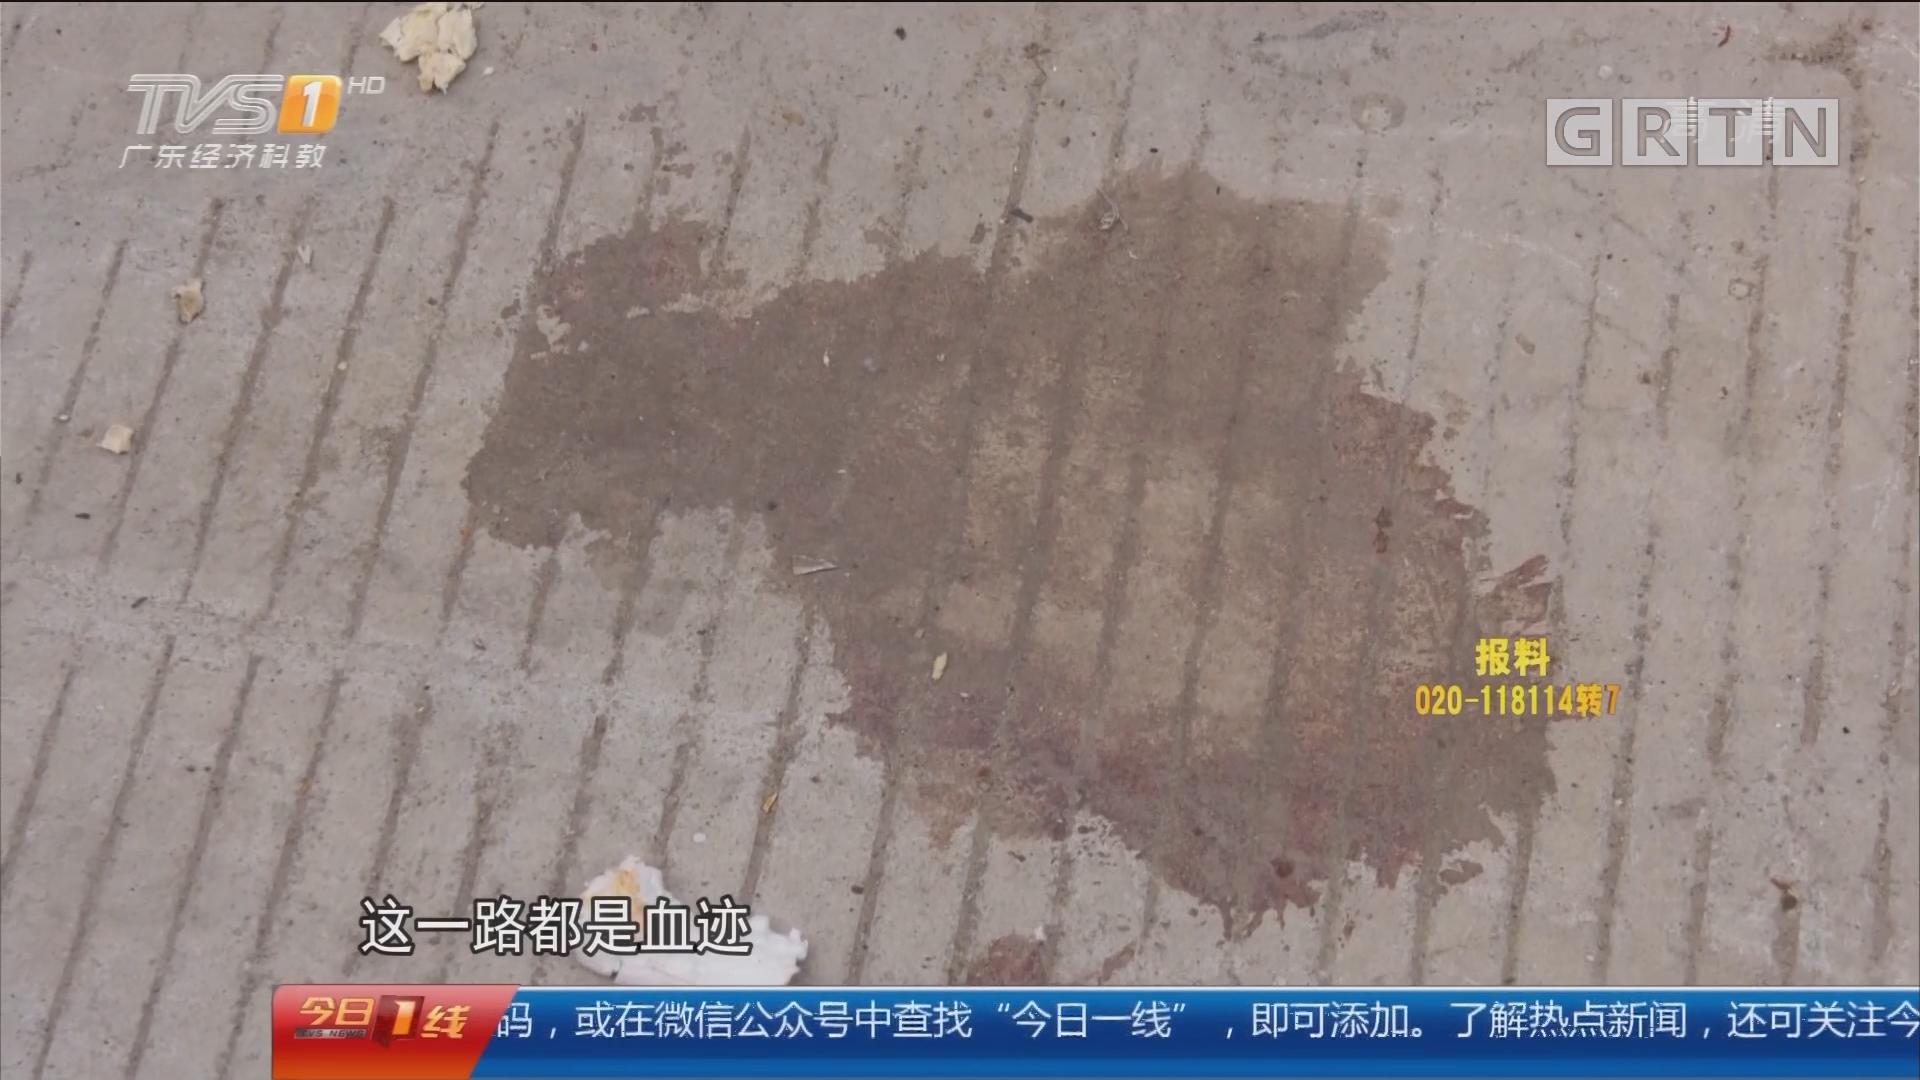 广州花都:环卫工凌晨遇害 嫌疑人已被抓获